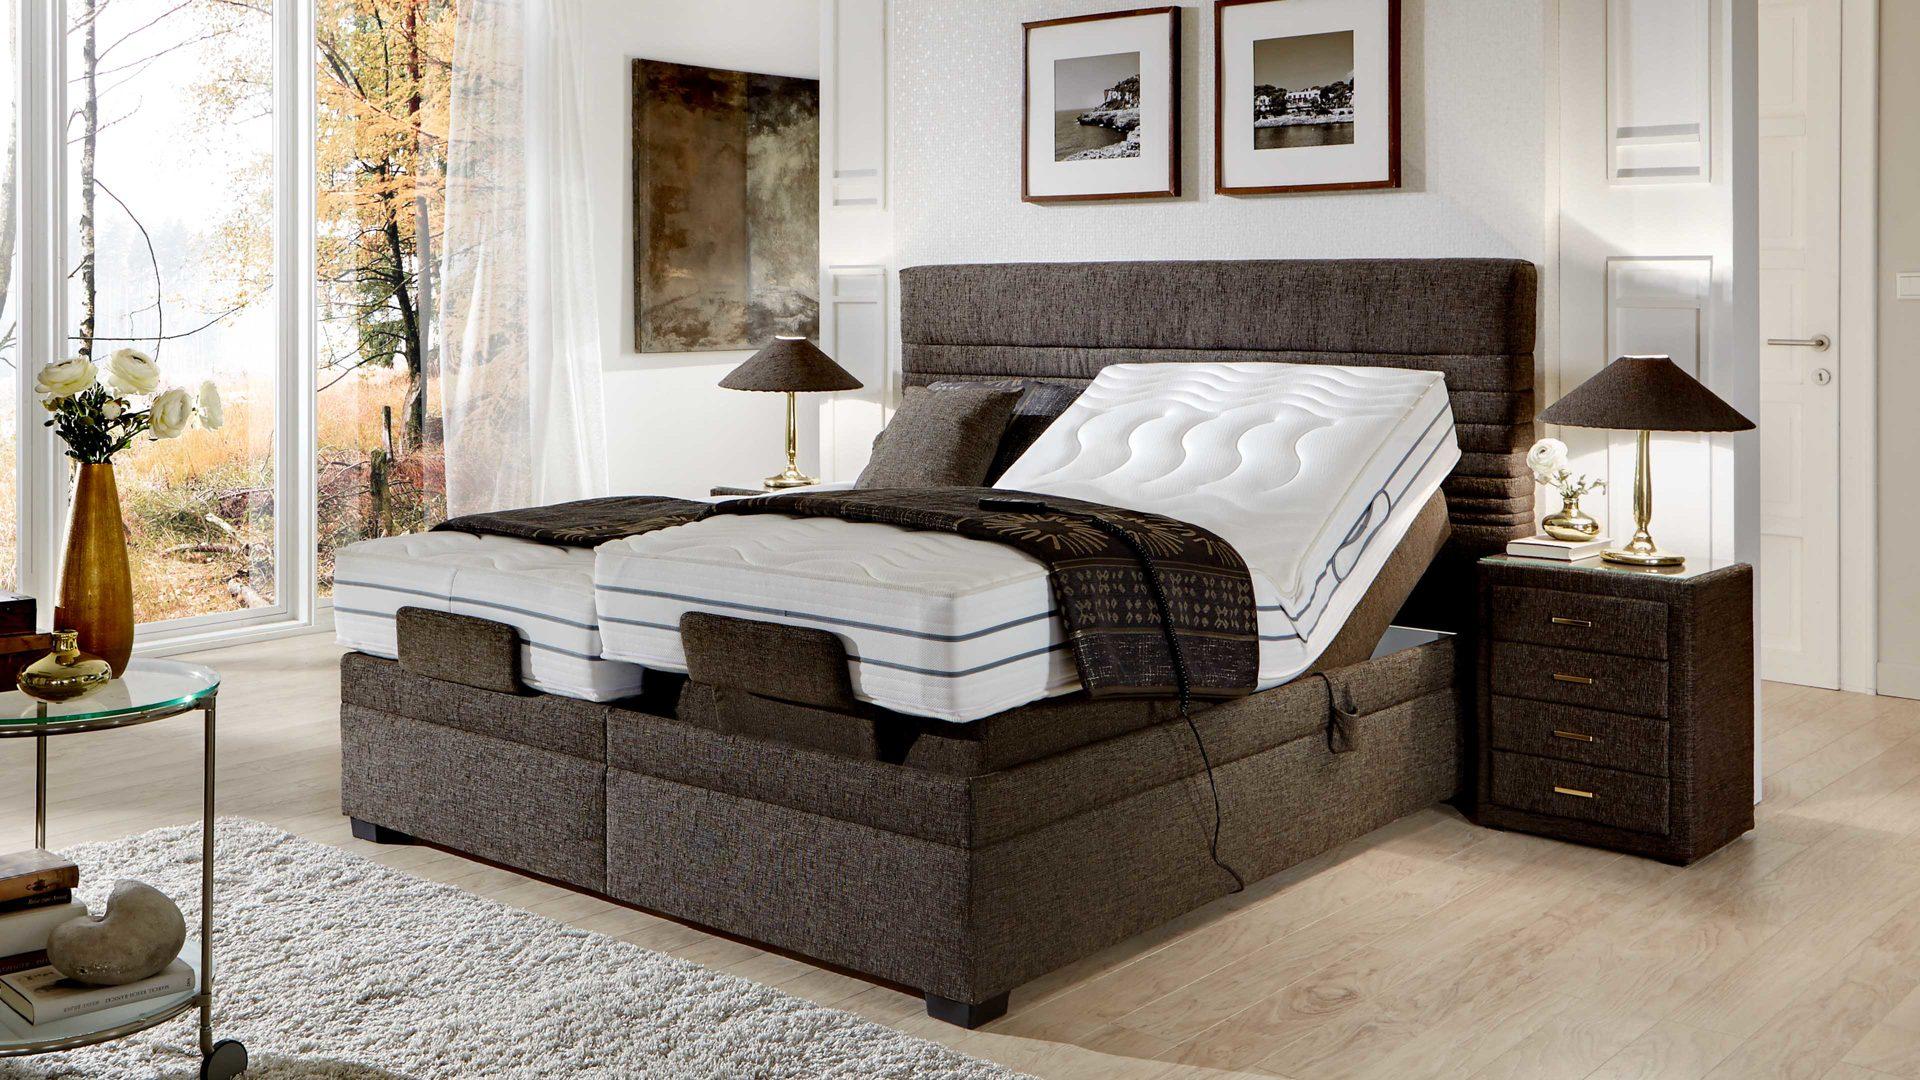 Mobel Frauendorfer Amberg Markenshops Betten Comfortmaster